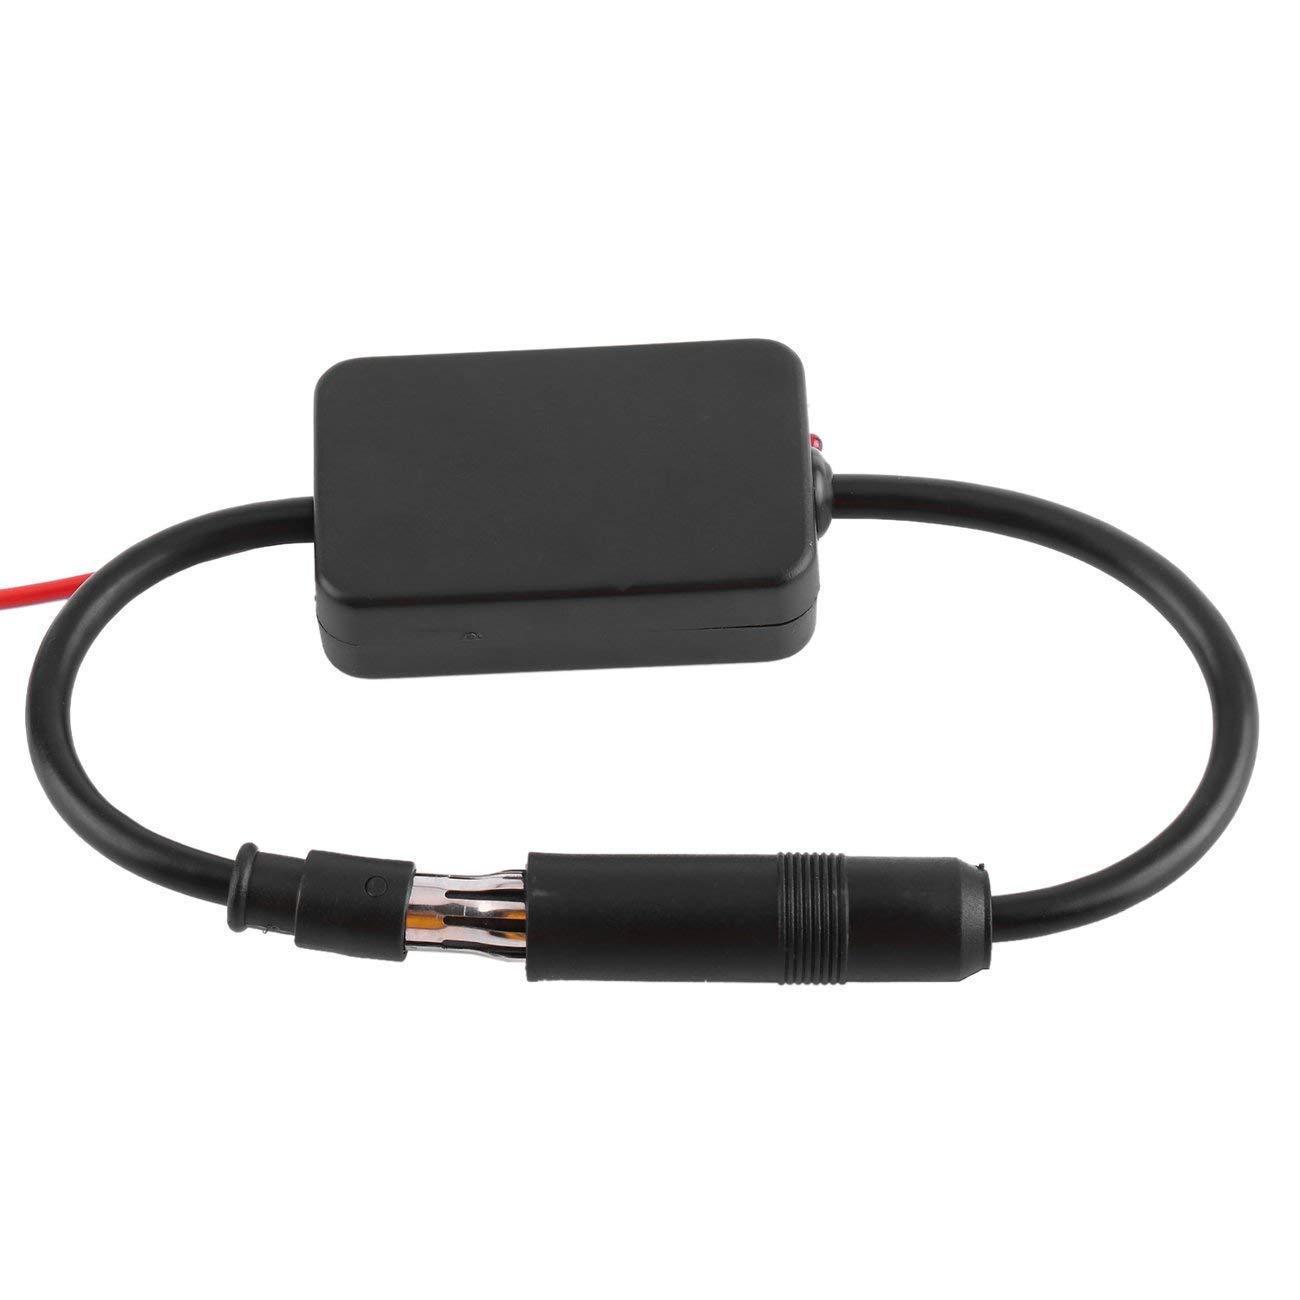 Fannty 12V Autoradio Signalverst/ärker Signalverst/ärker ANT-208 Auto FM Antennenverst/ärker